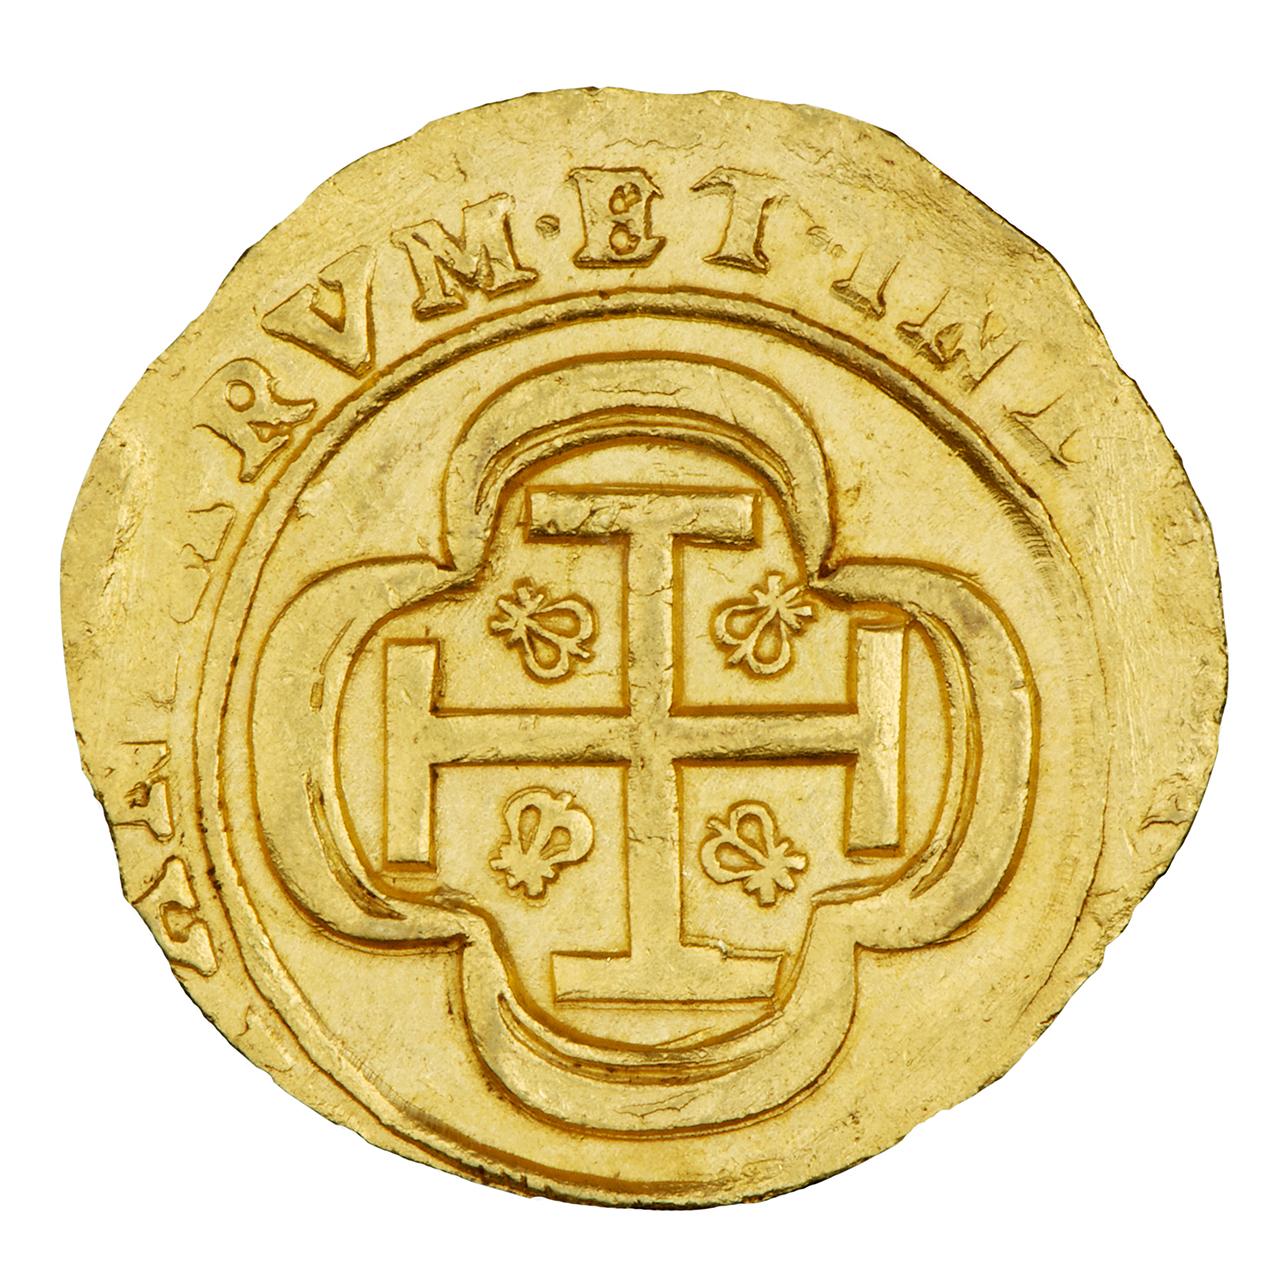 pièce d'or avec une croix en relief